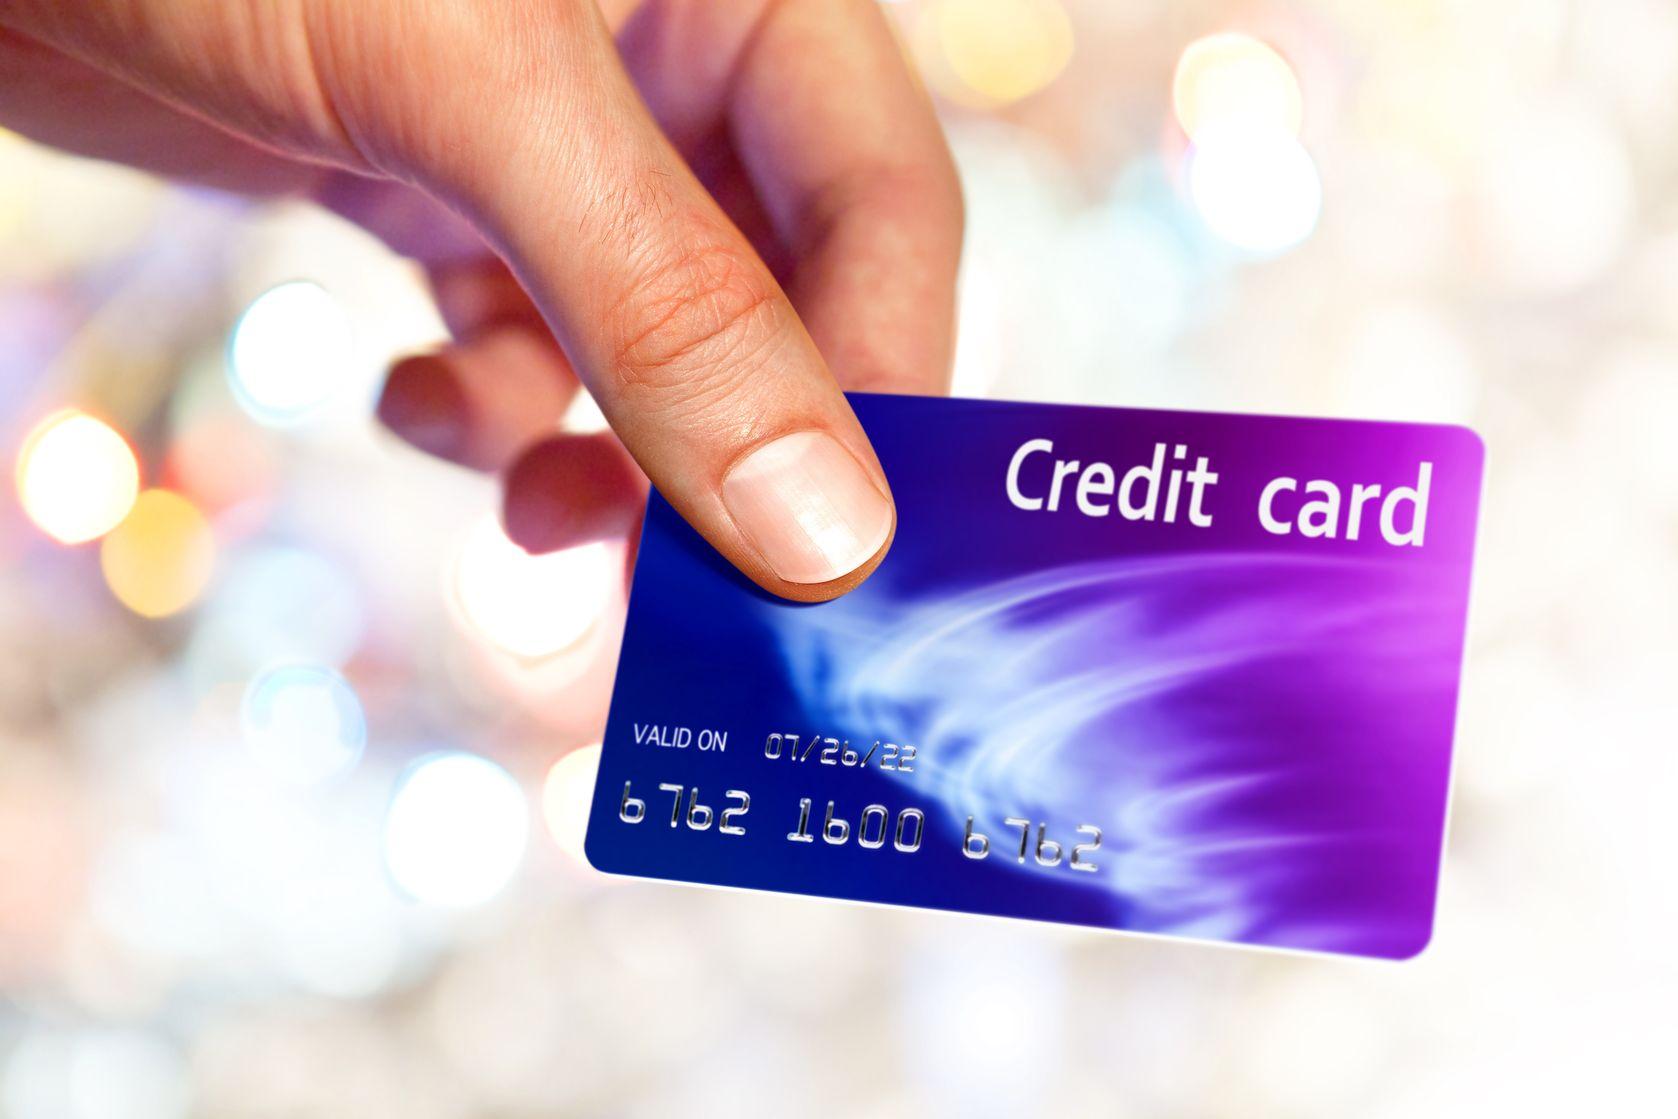 что значит кредитная карта 2016